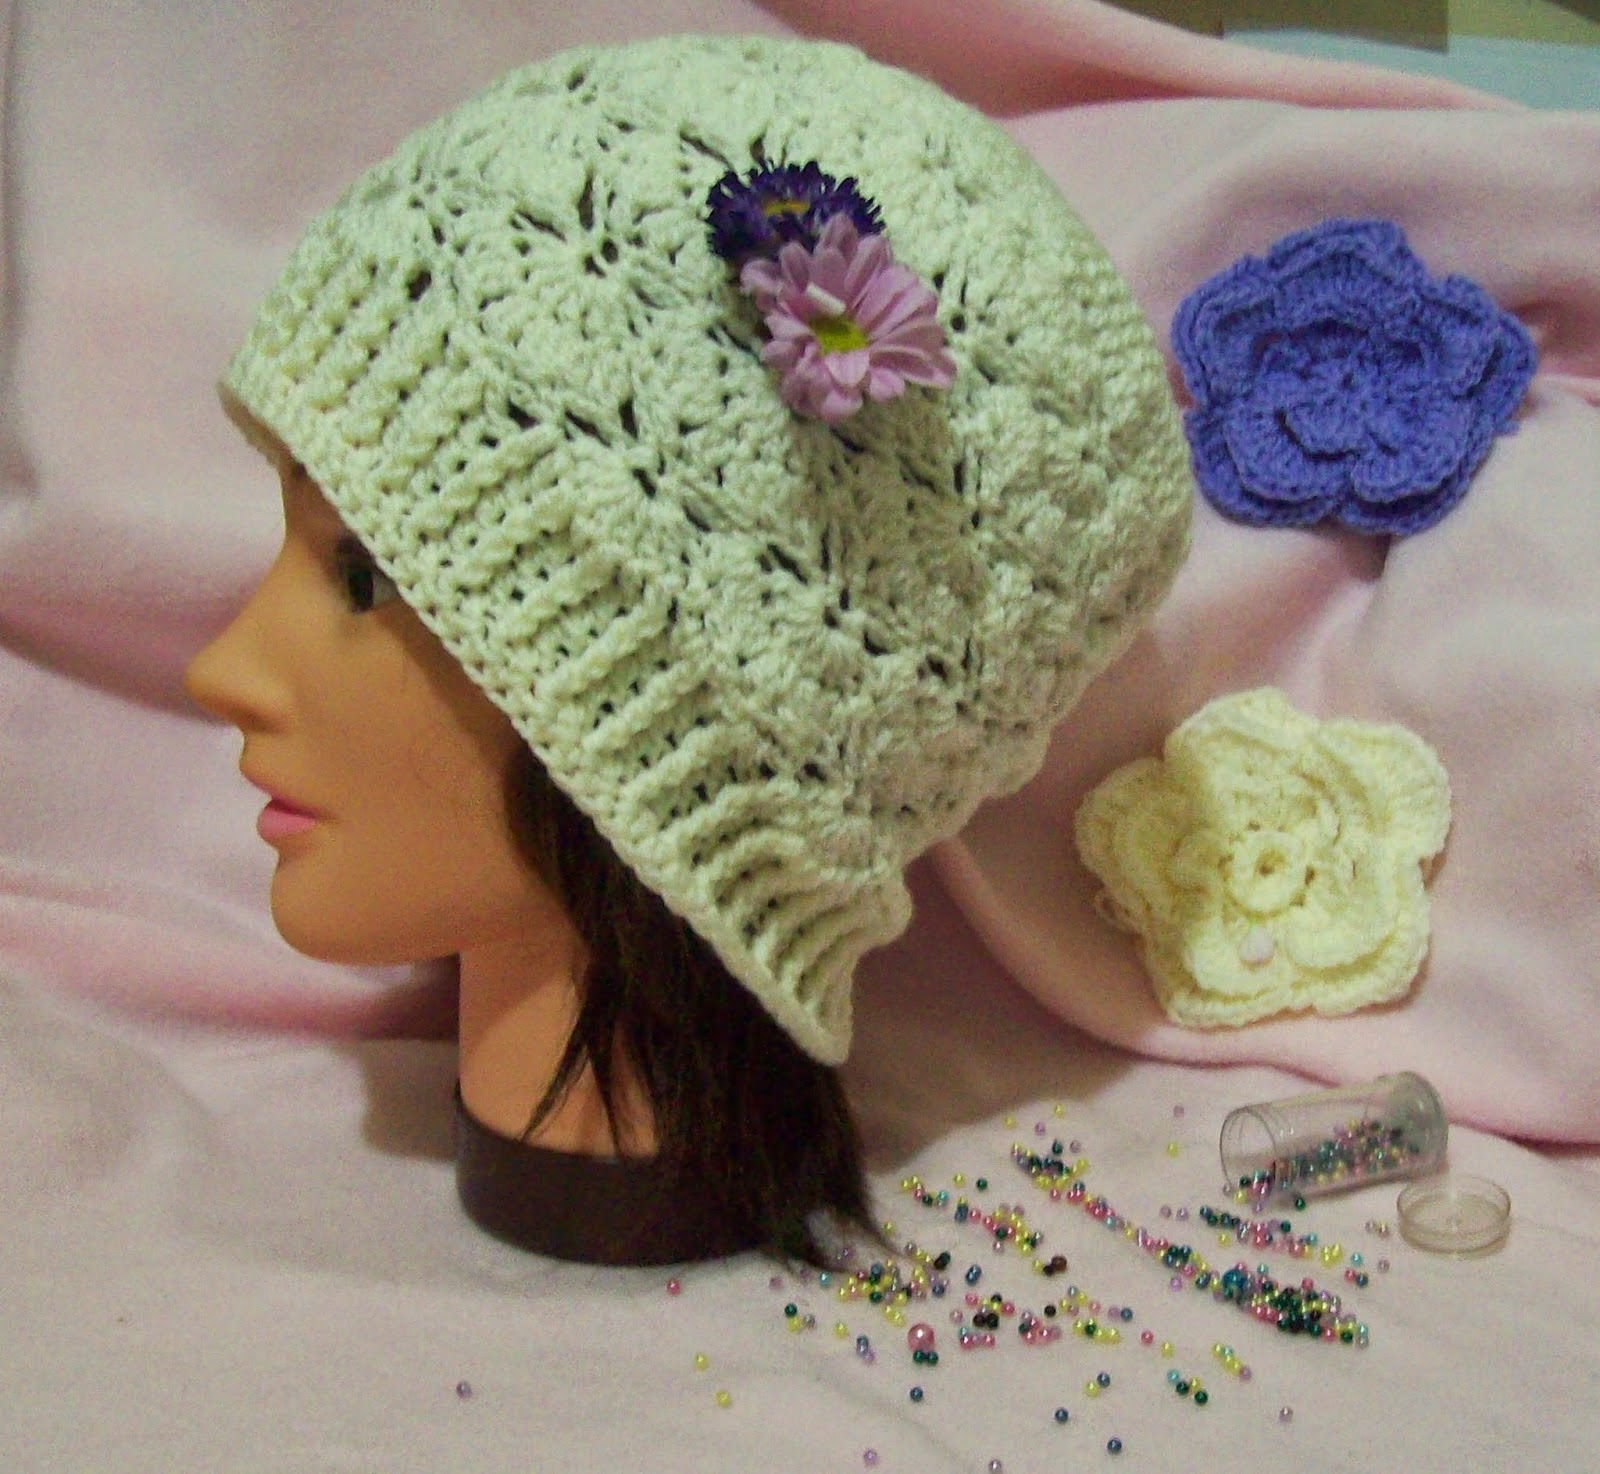 Free Crochet Butterfly Patterns For Hats : Free Crochet Patterns By Cats-Rockin-Crochet